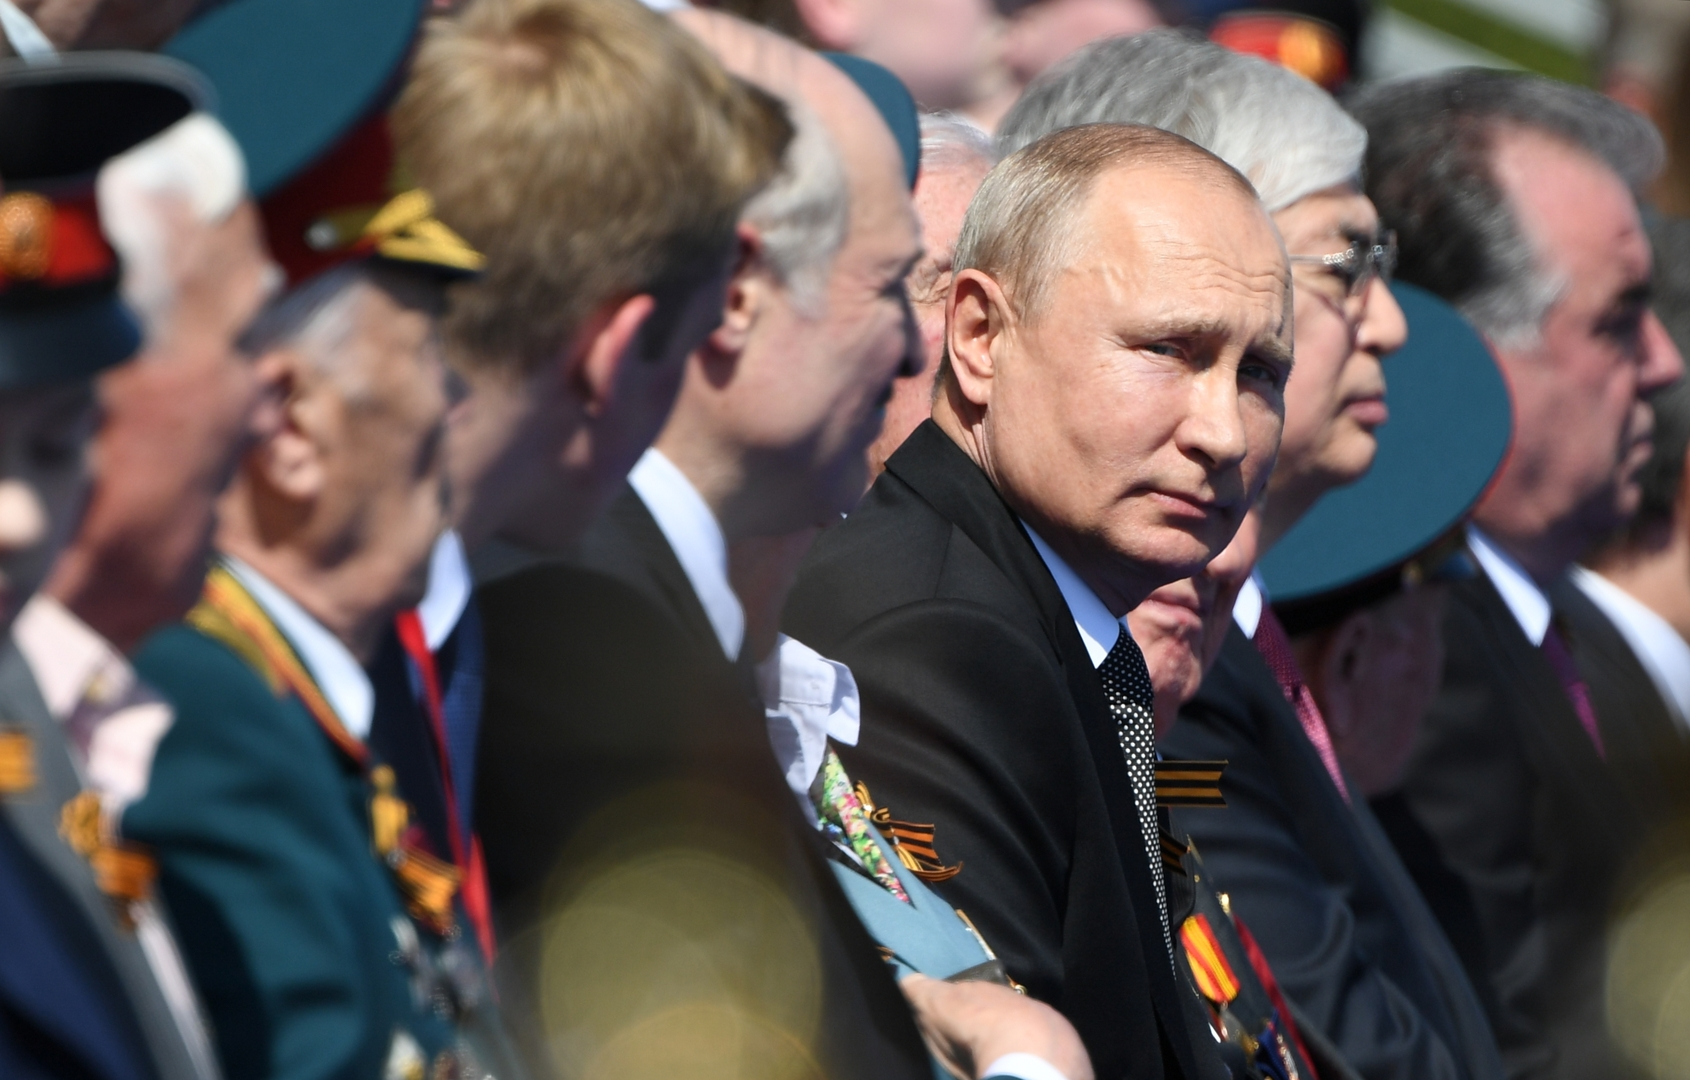 بوتين: النصر في الحرب الوطنية العظمى حدد مستقبل كوكبنا لعقود